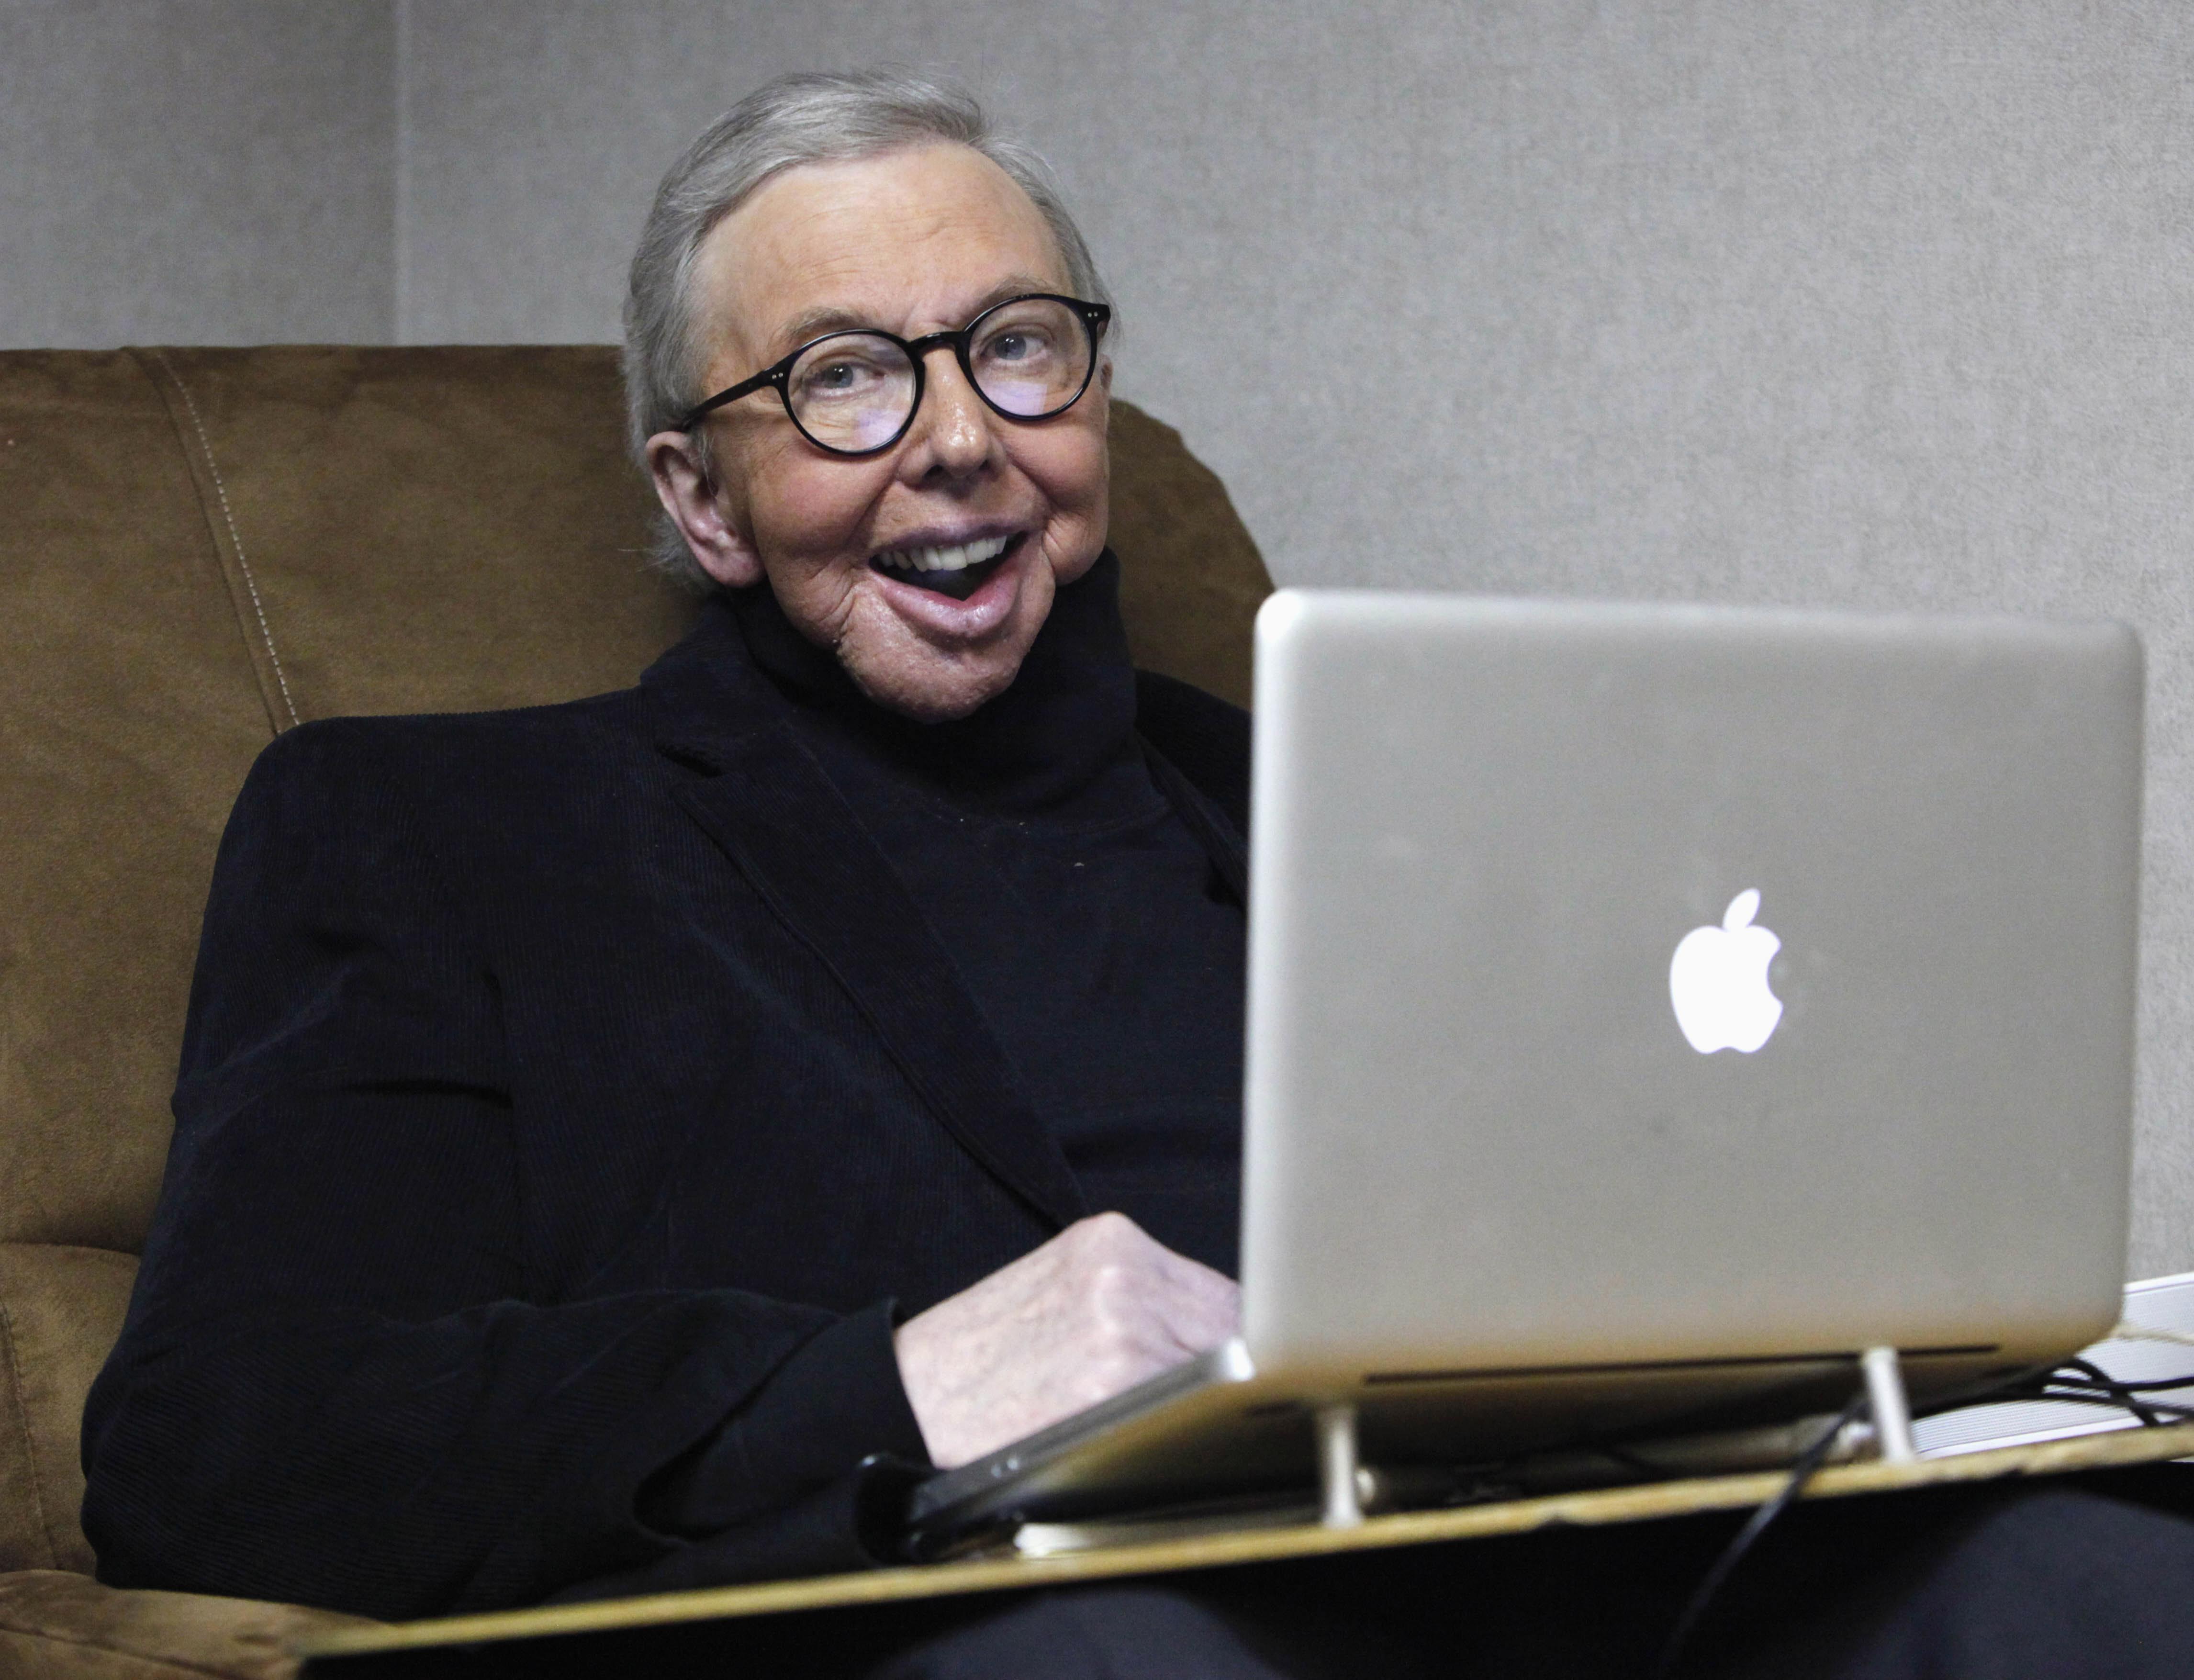 Roger Ebert in 2011.